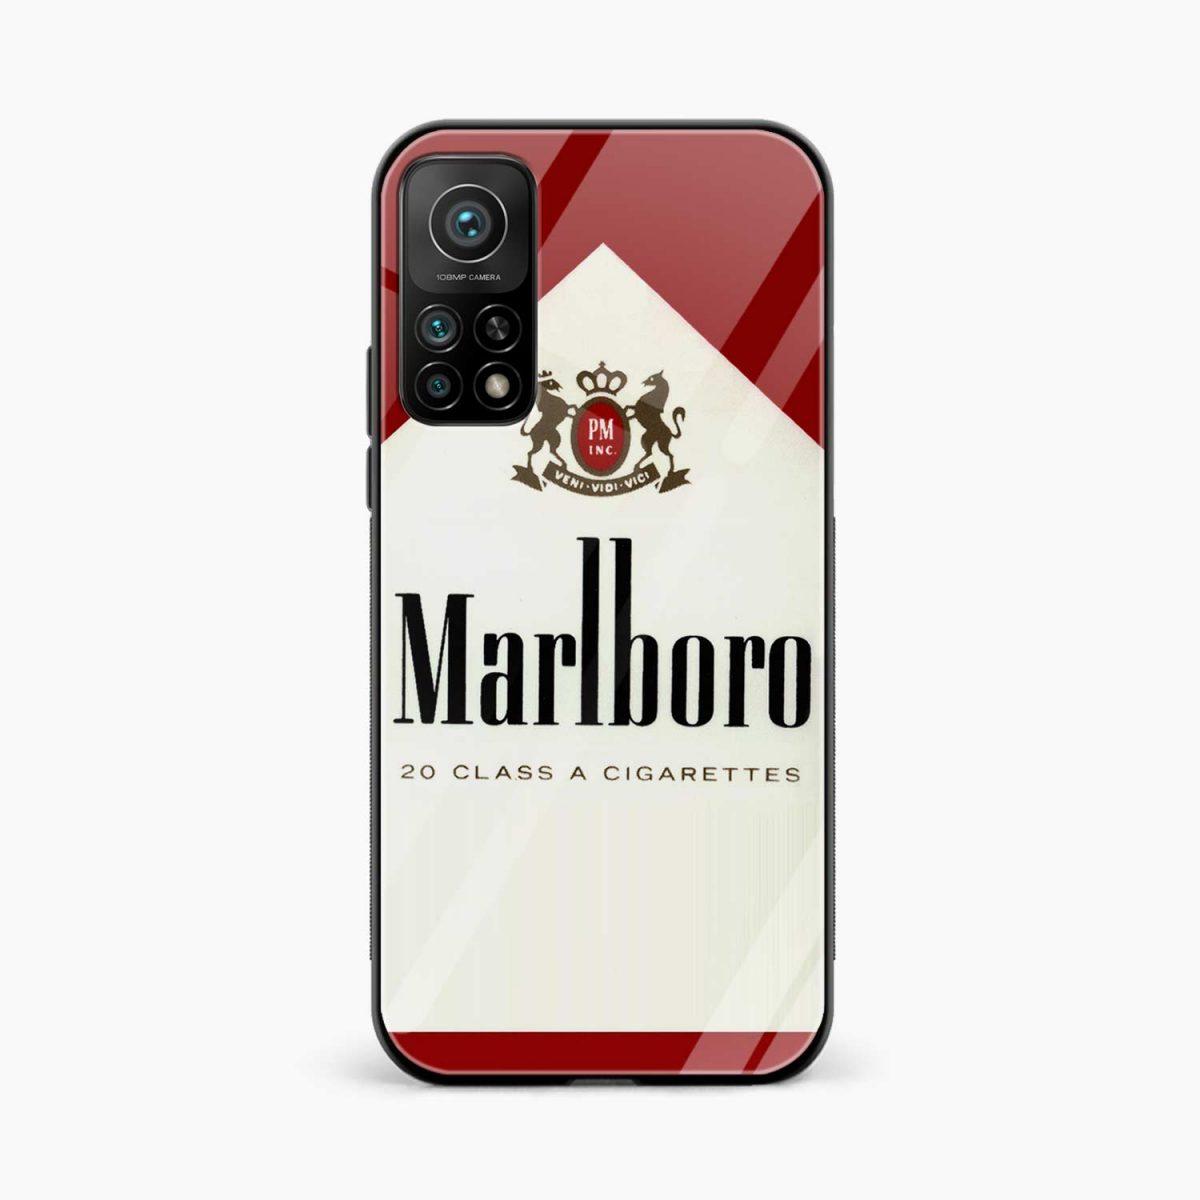 marlboro cigarette box xiaomi mi 10t pro back cover front view